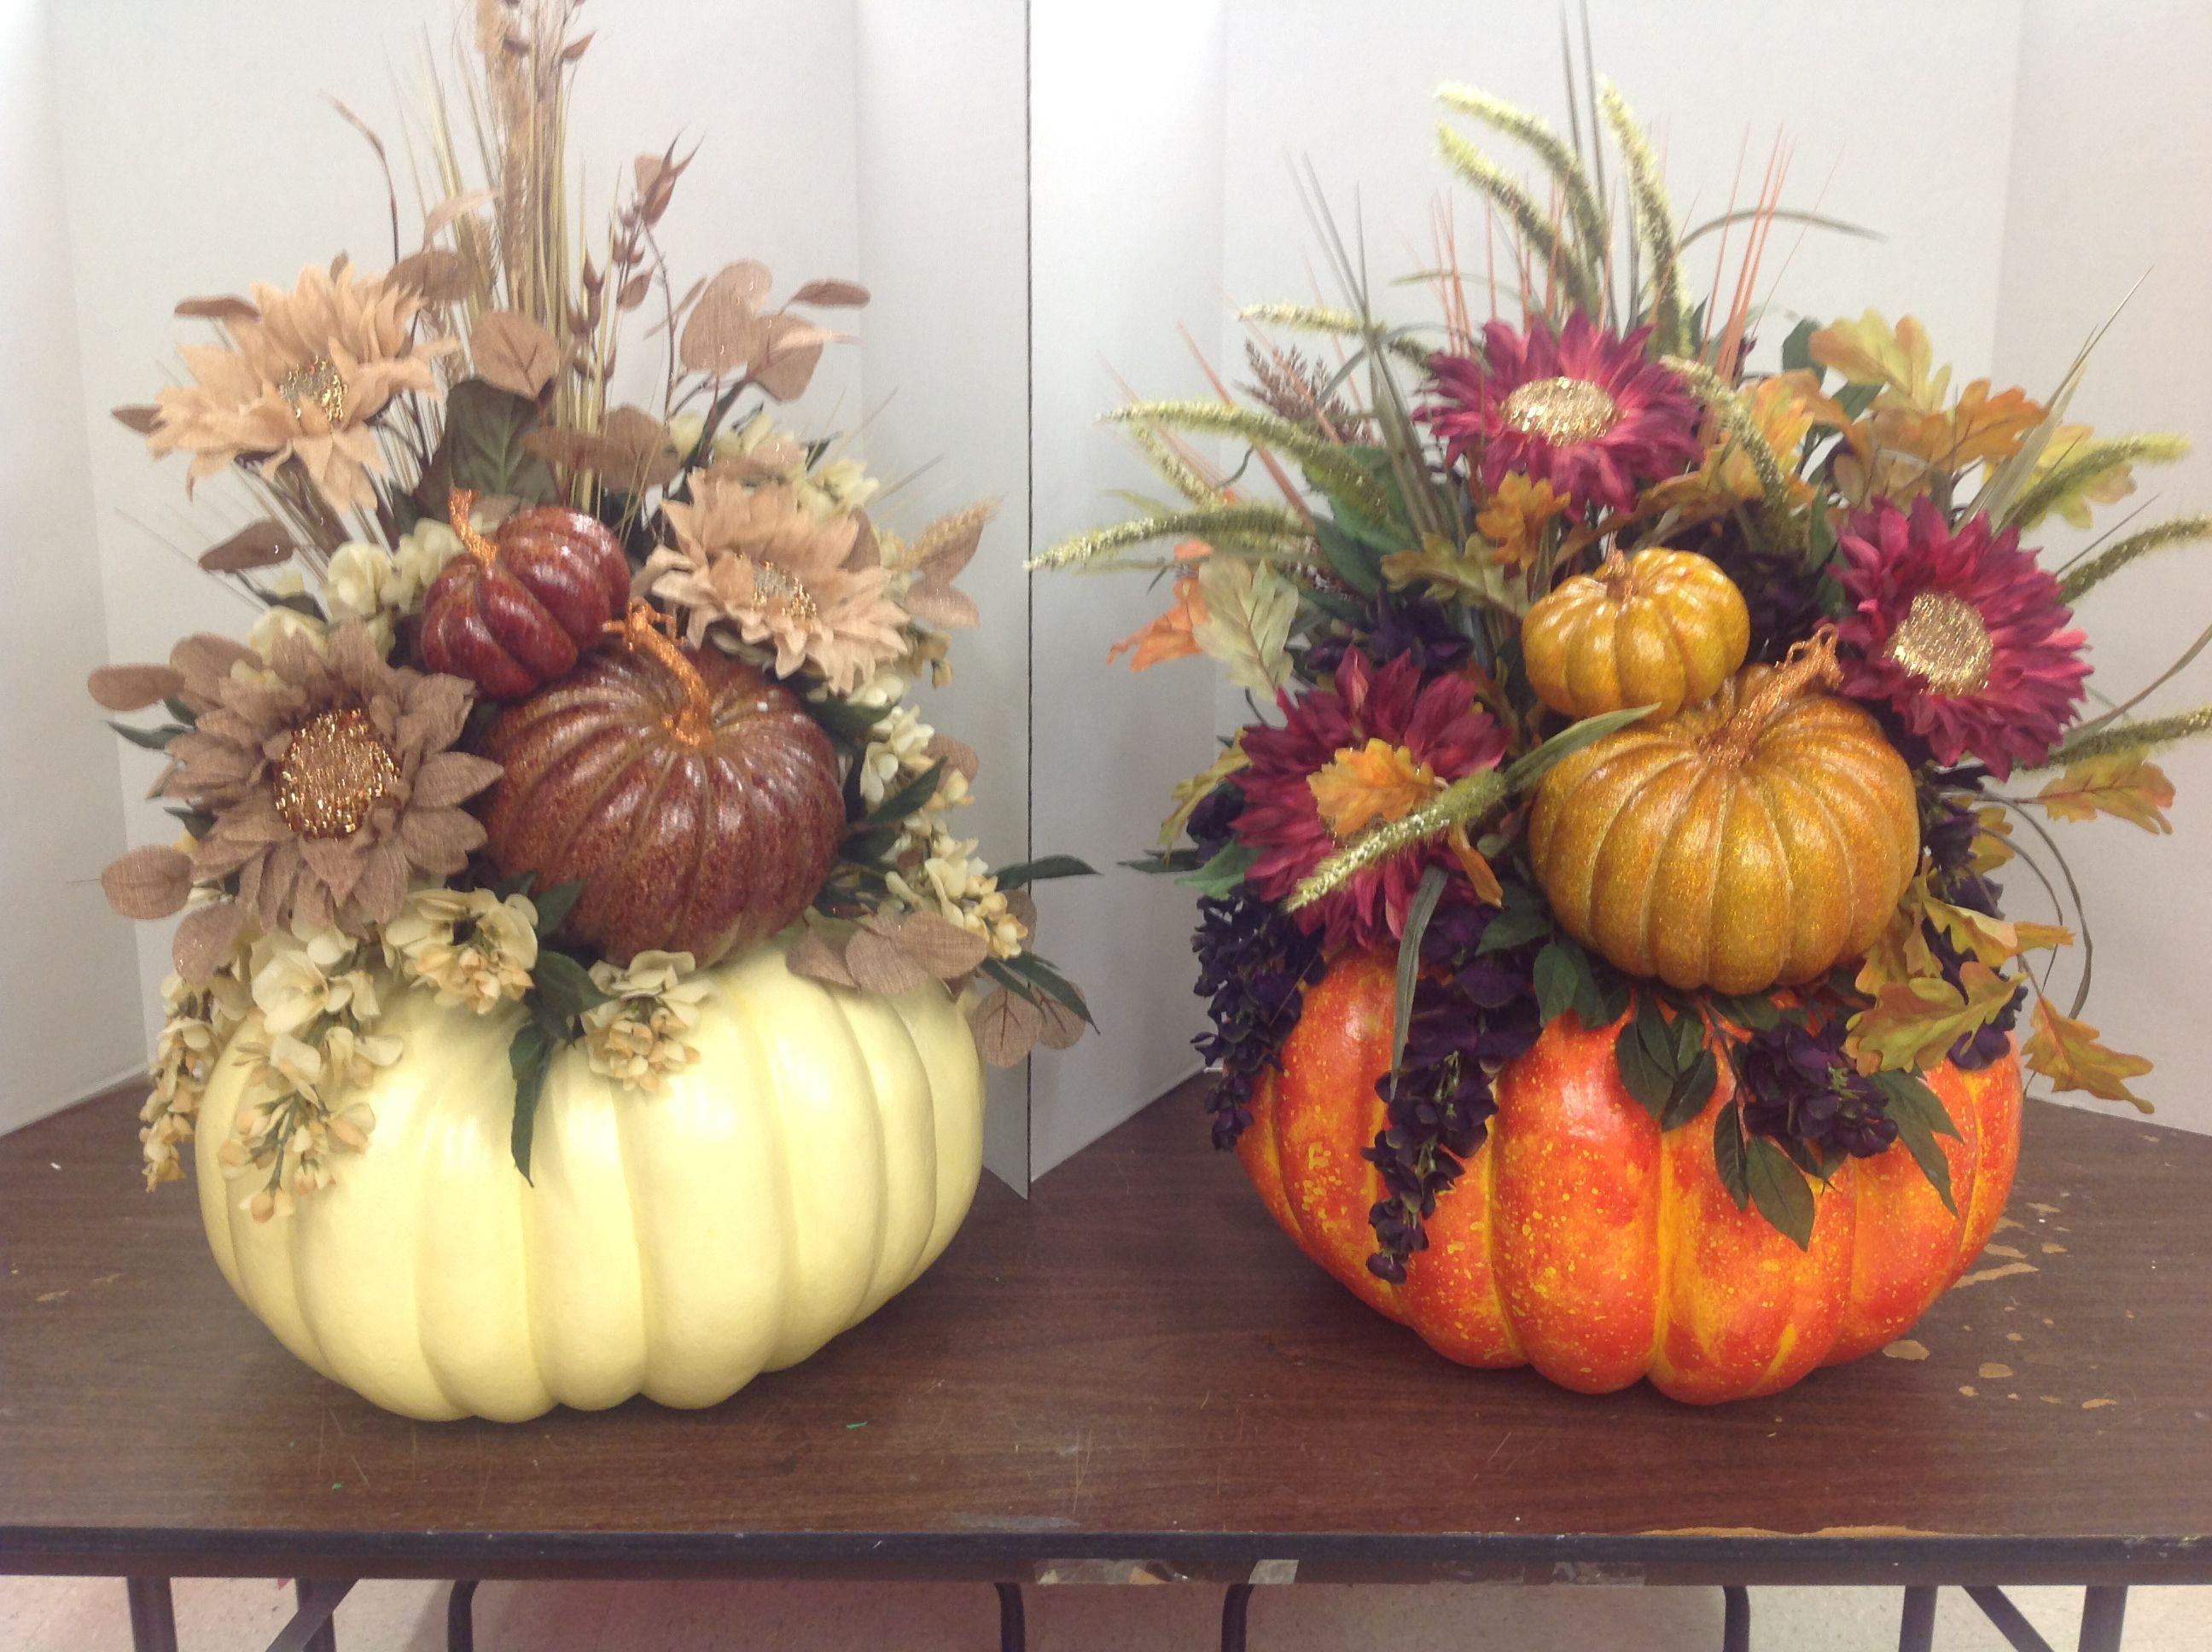 More Decorative pumpkins - bewri